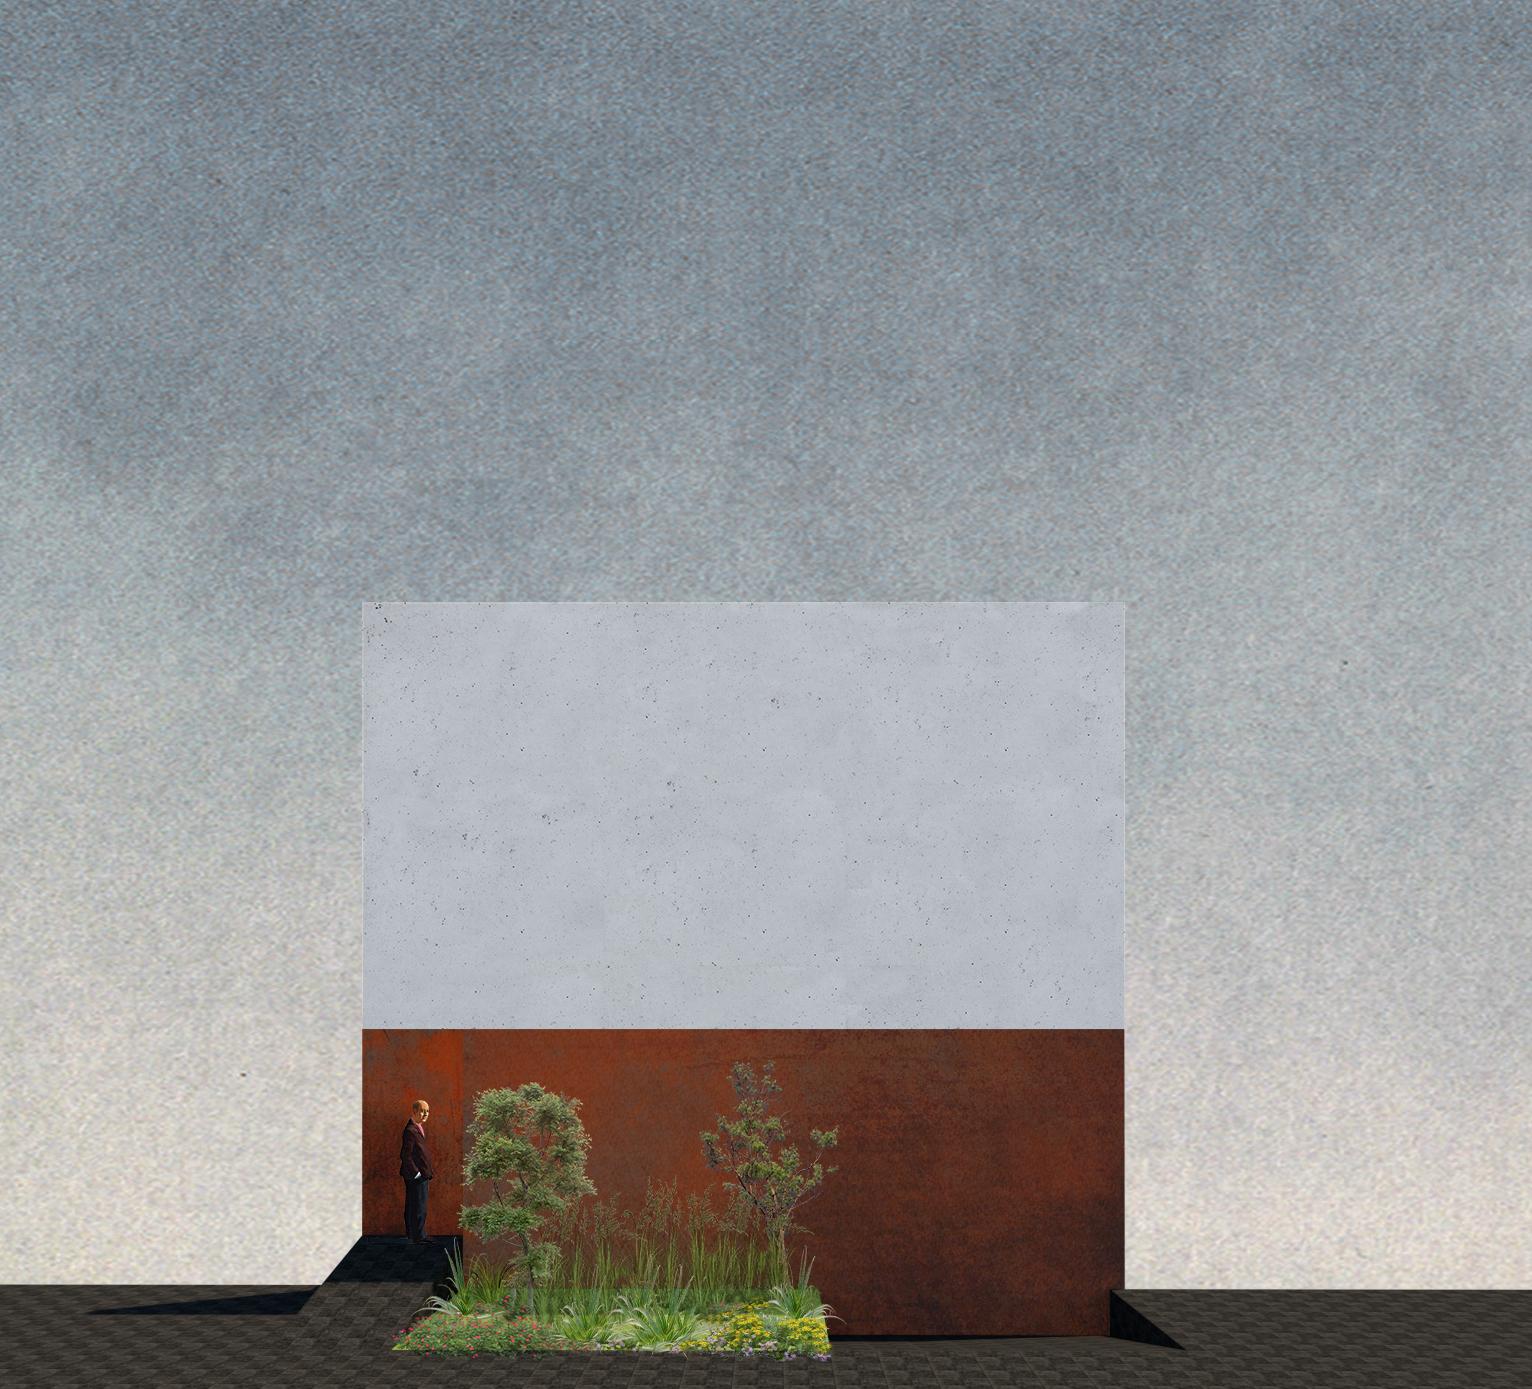 imagen fachada